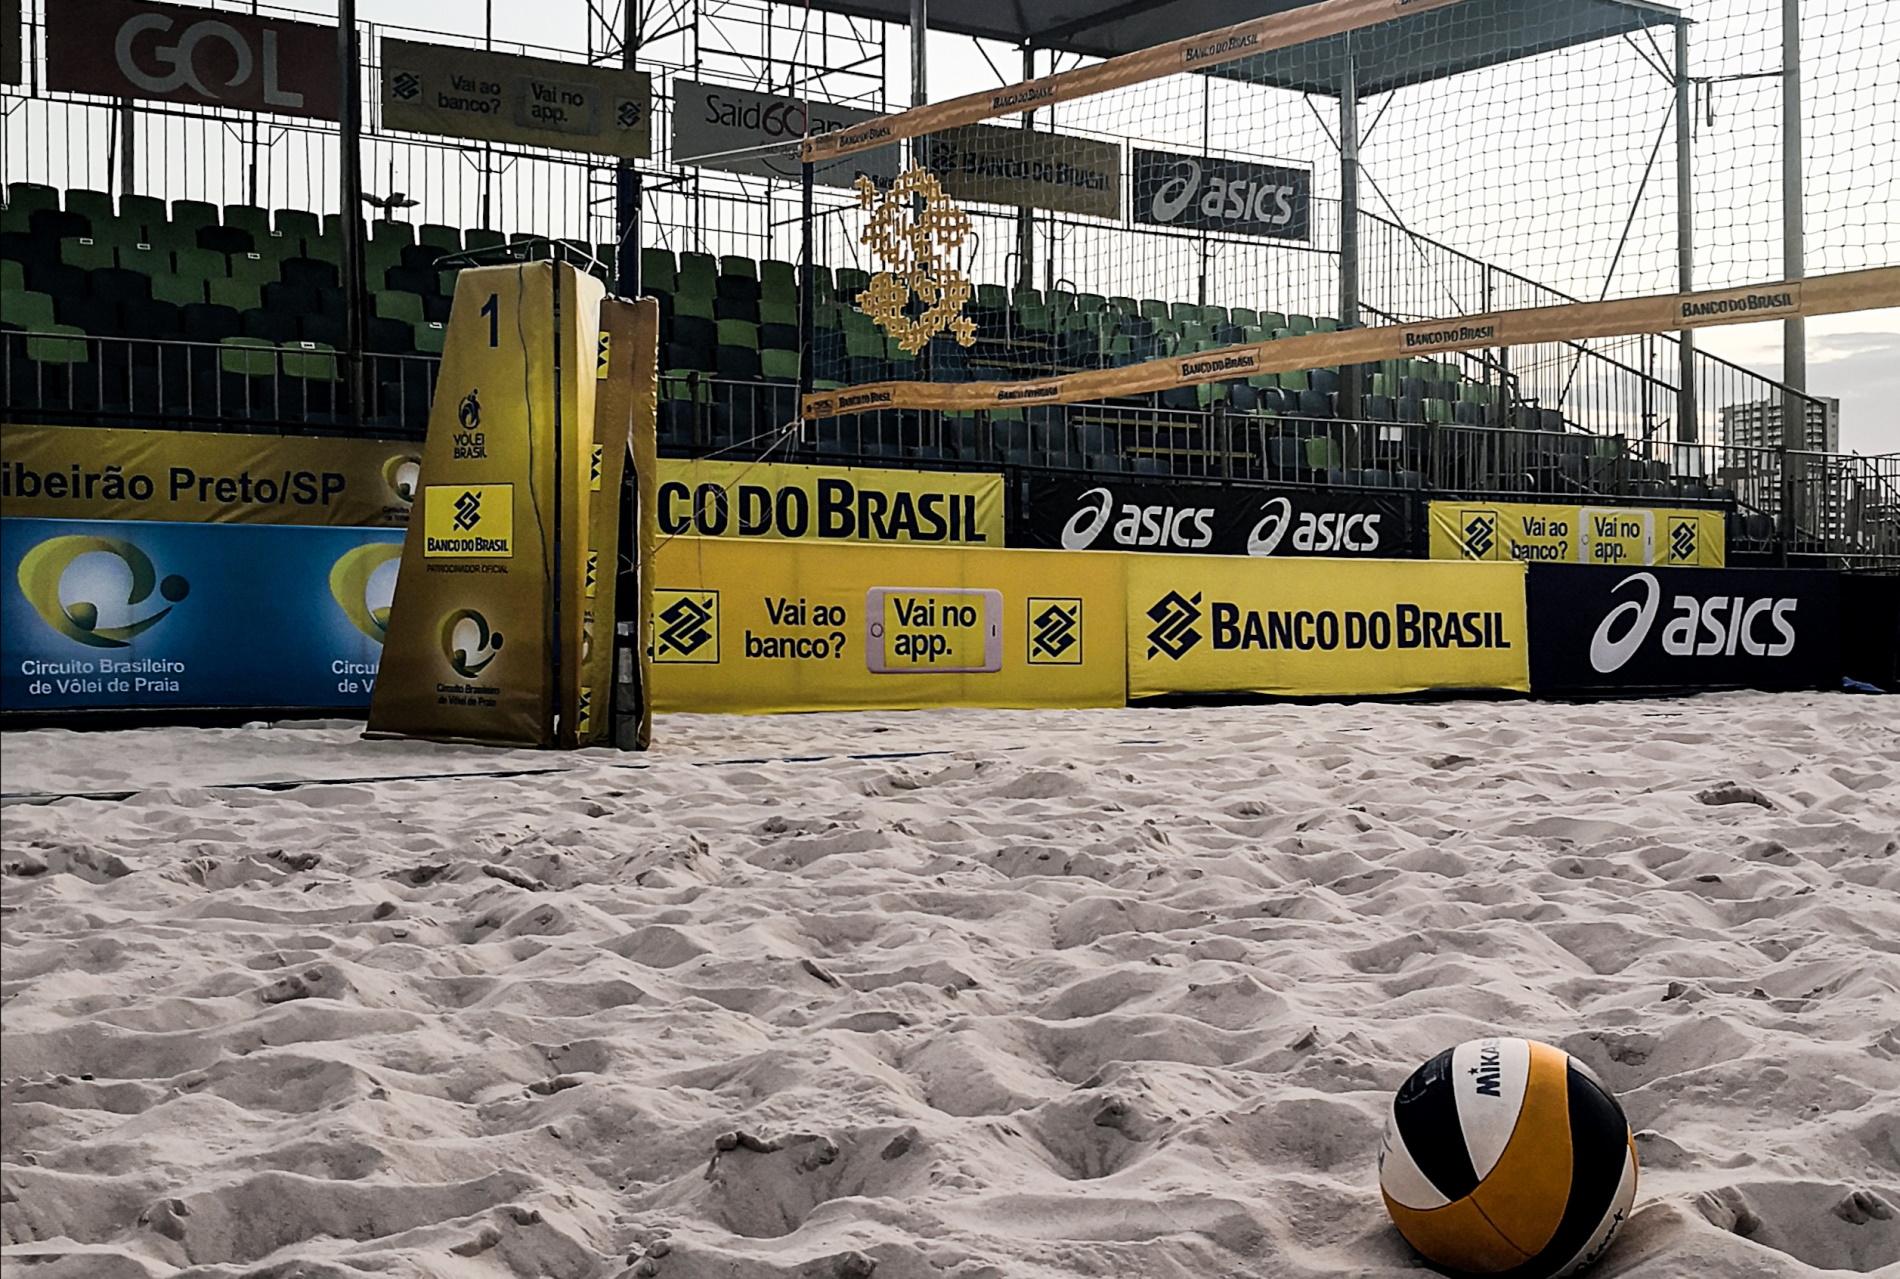 Etapa de Ribeirão Preto terá doação de alimentos e ações sociais com atletas